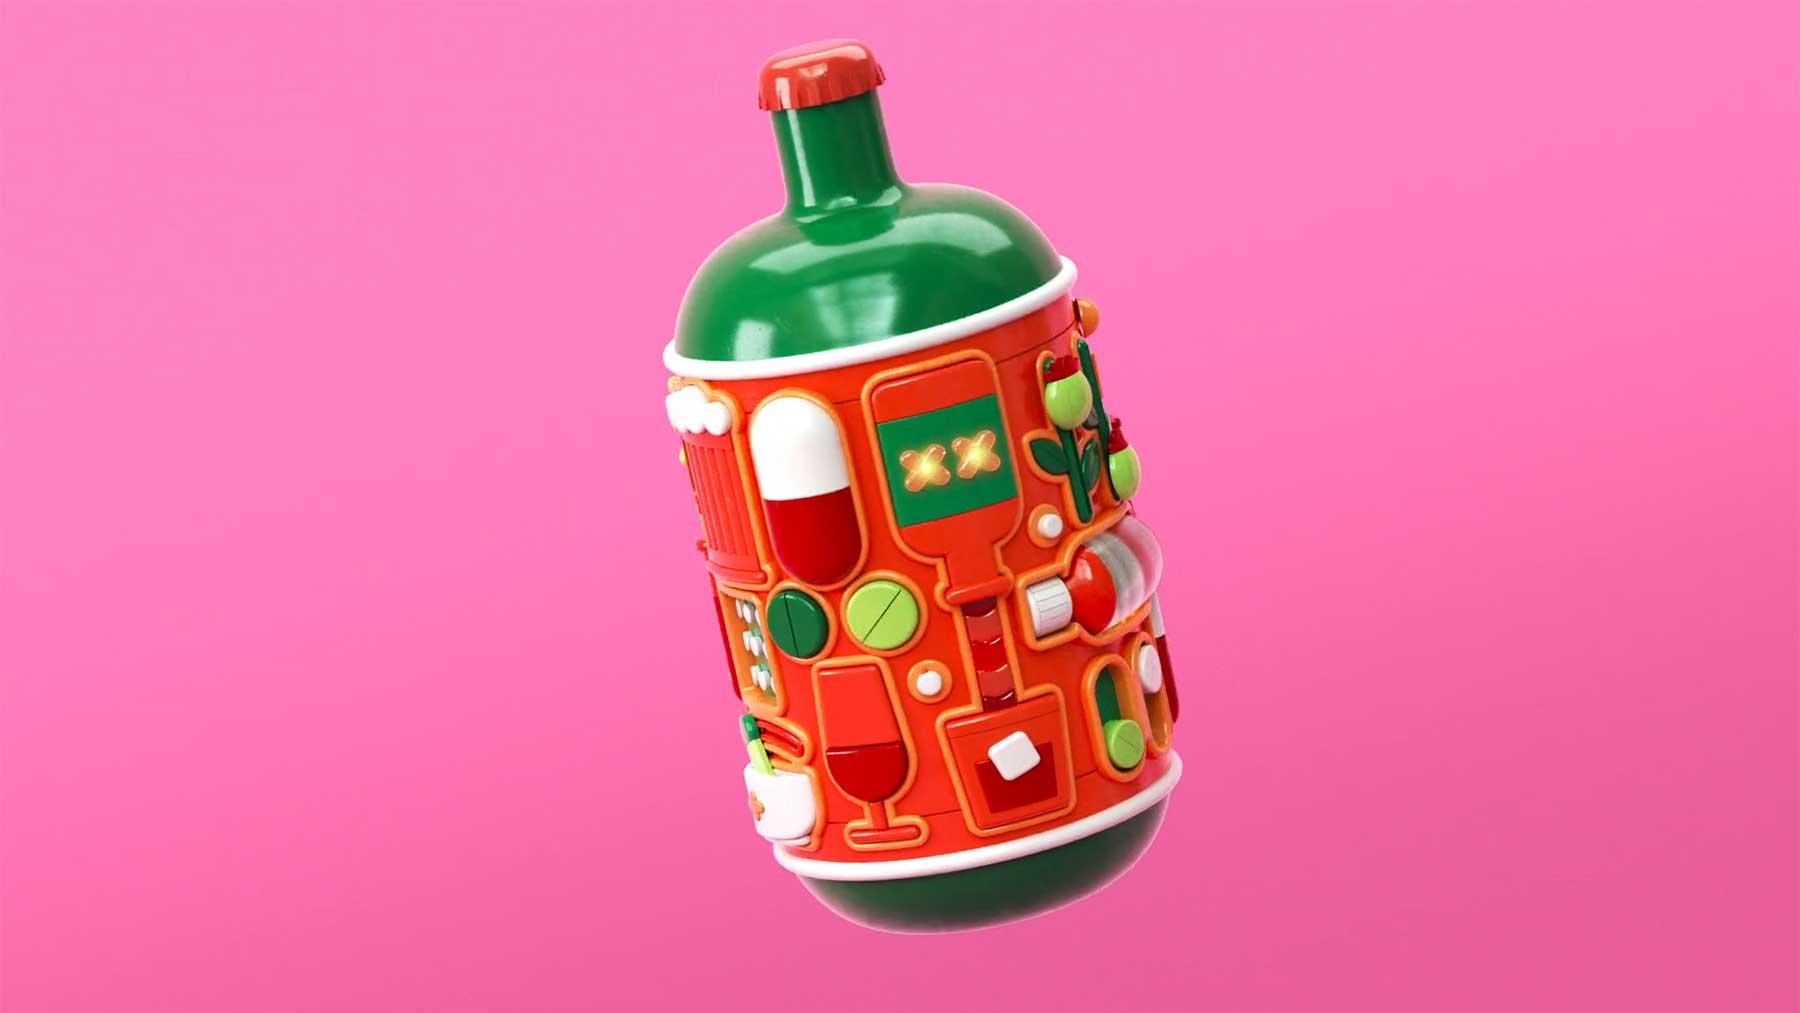 Kinderspielzeuge mit Suchtpotenzialen